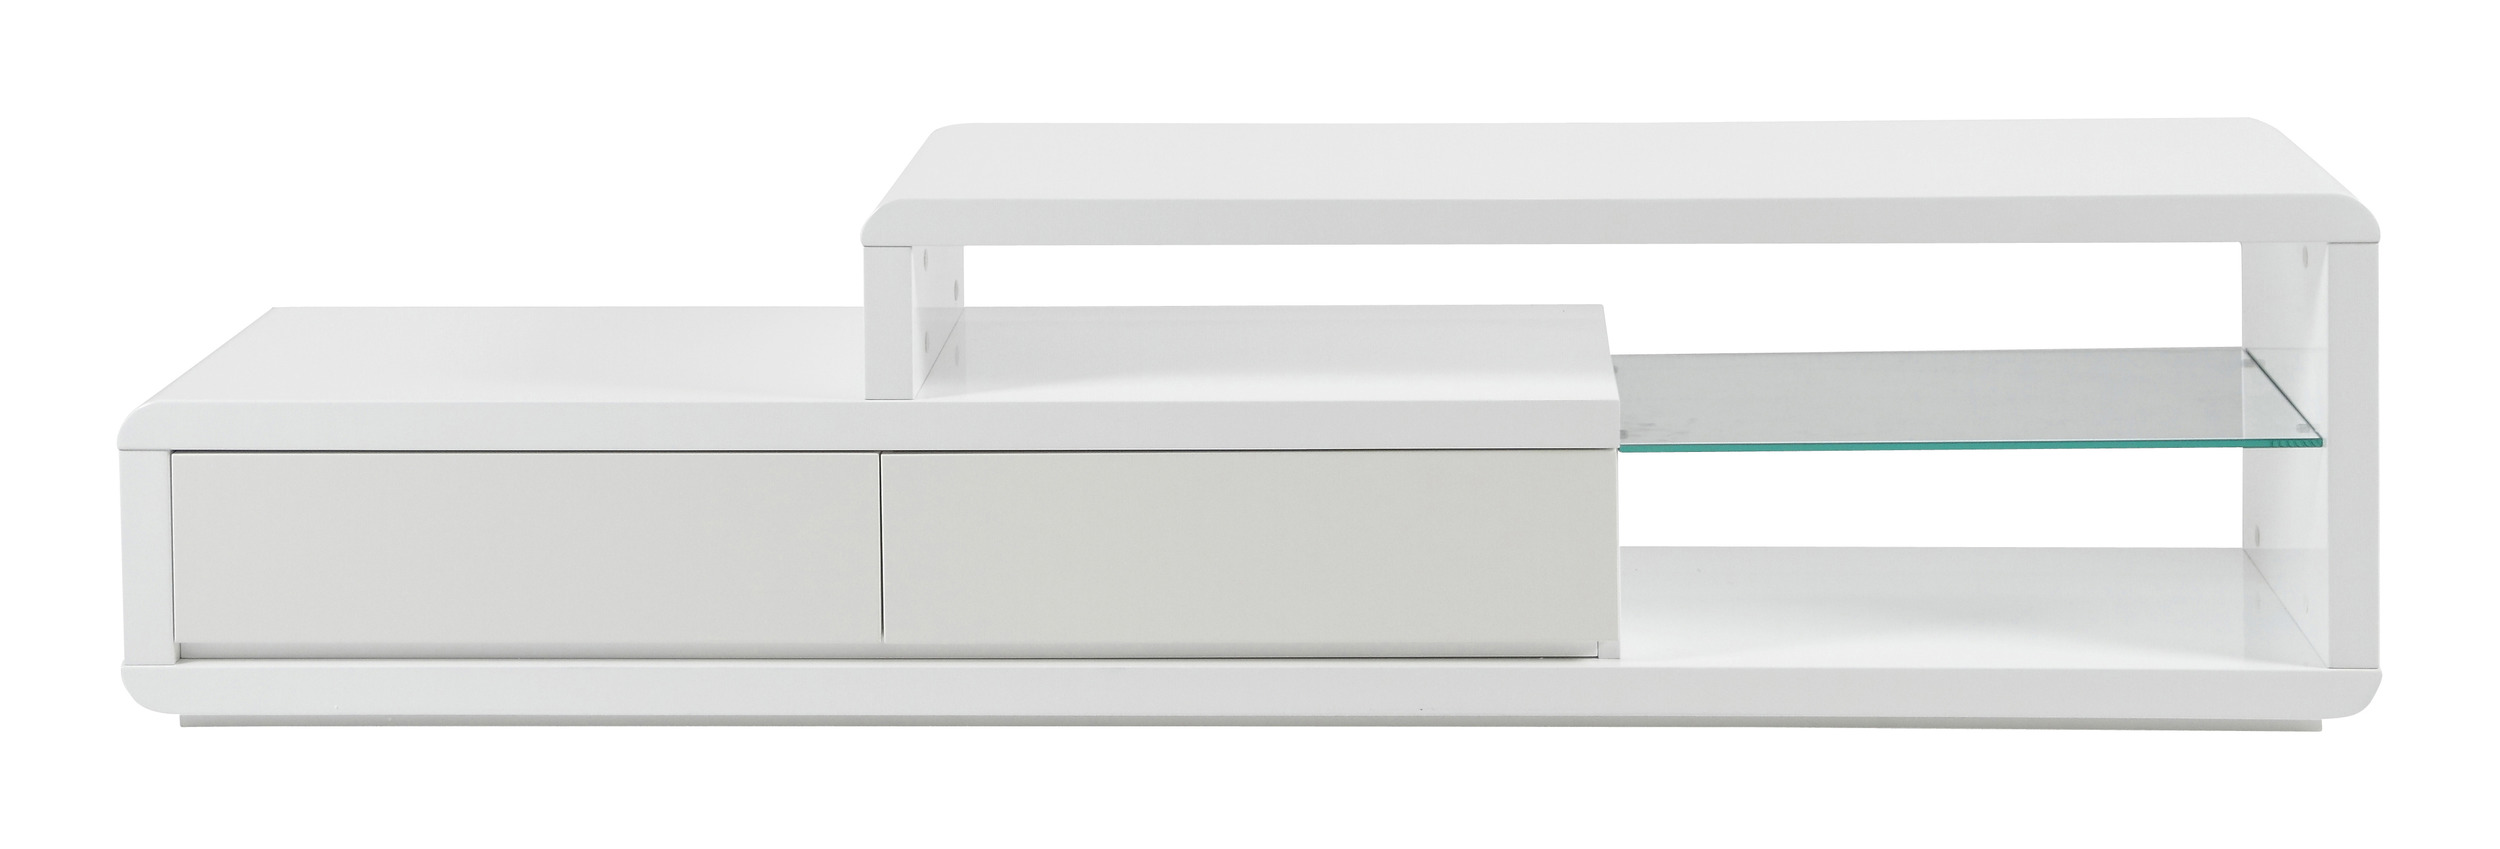 Bendt Tv-meubel 'Carsten' 180cm, kleur wit vergelijken Bendt